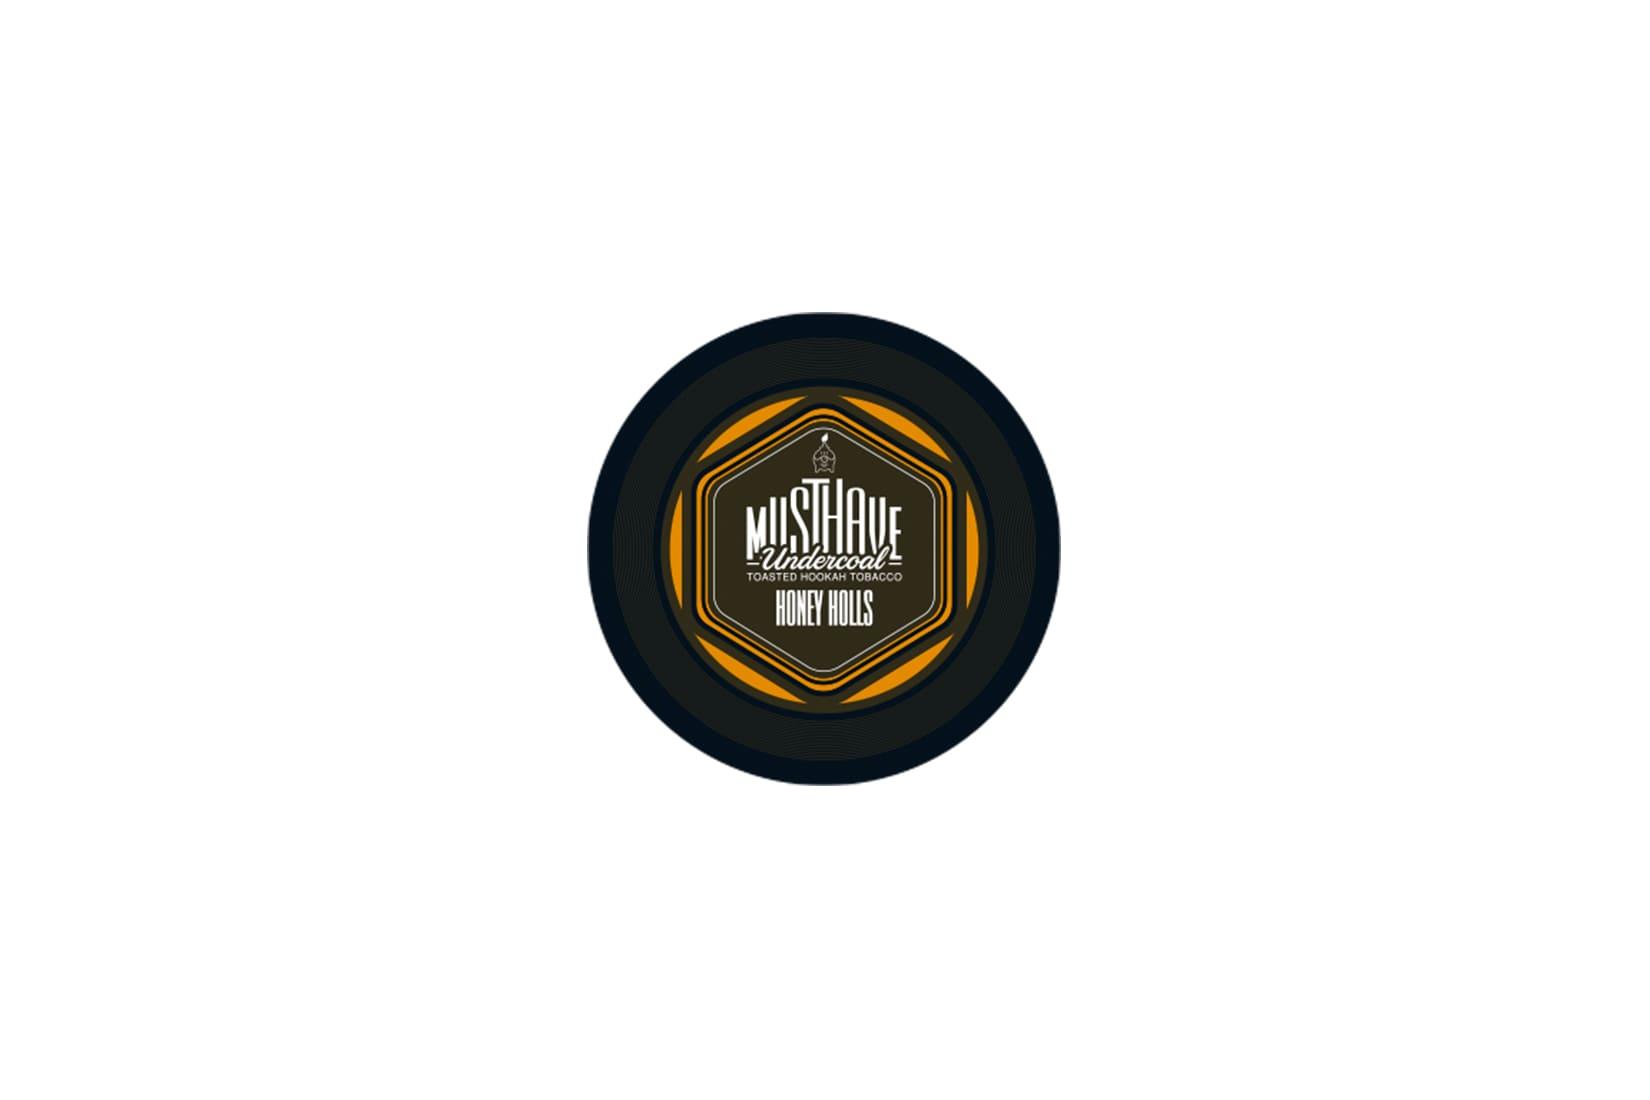 Табак для кальяна MustHave Honey Holls – описание, миксы, отзывы